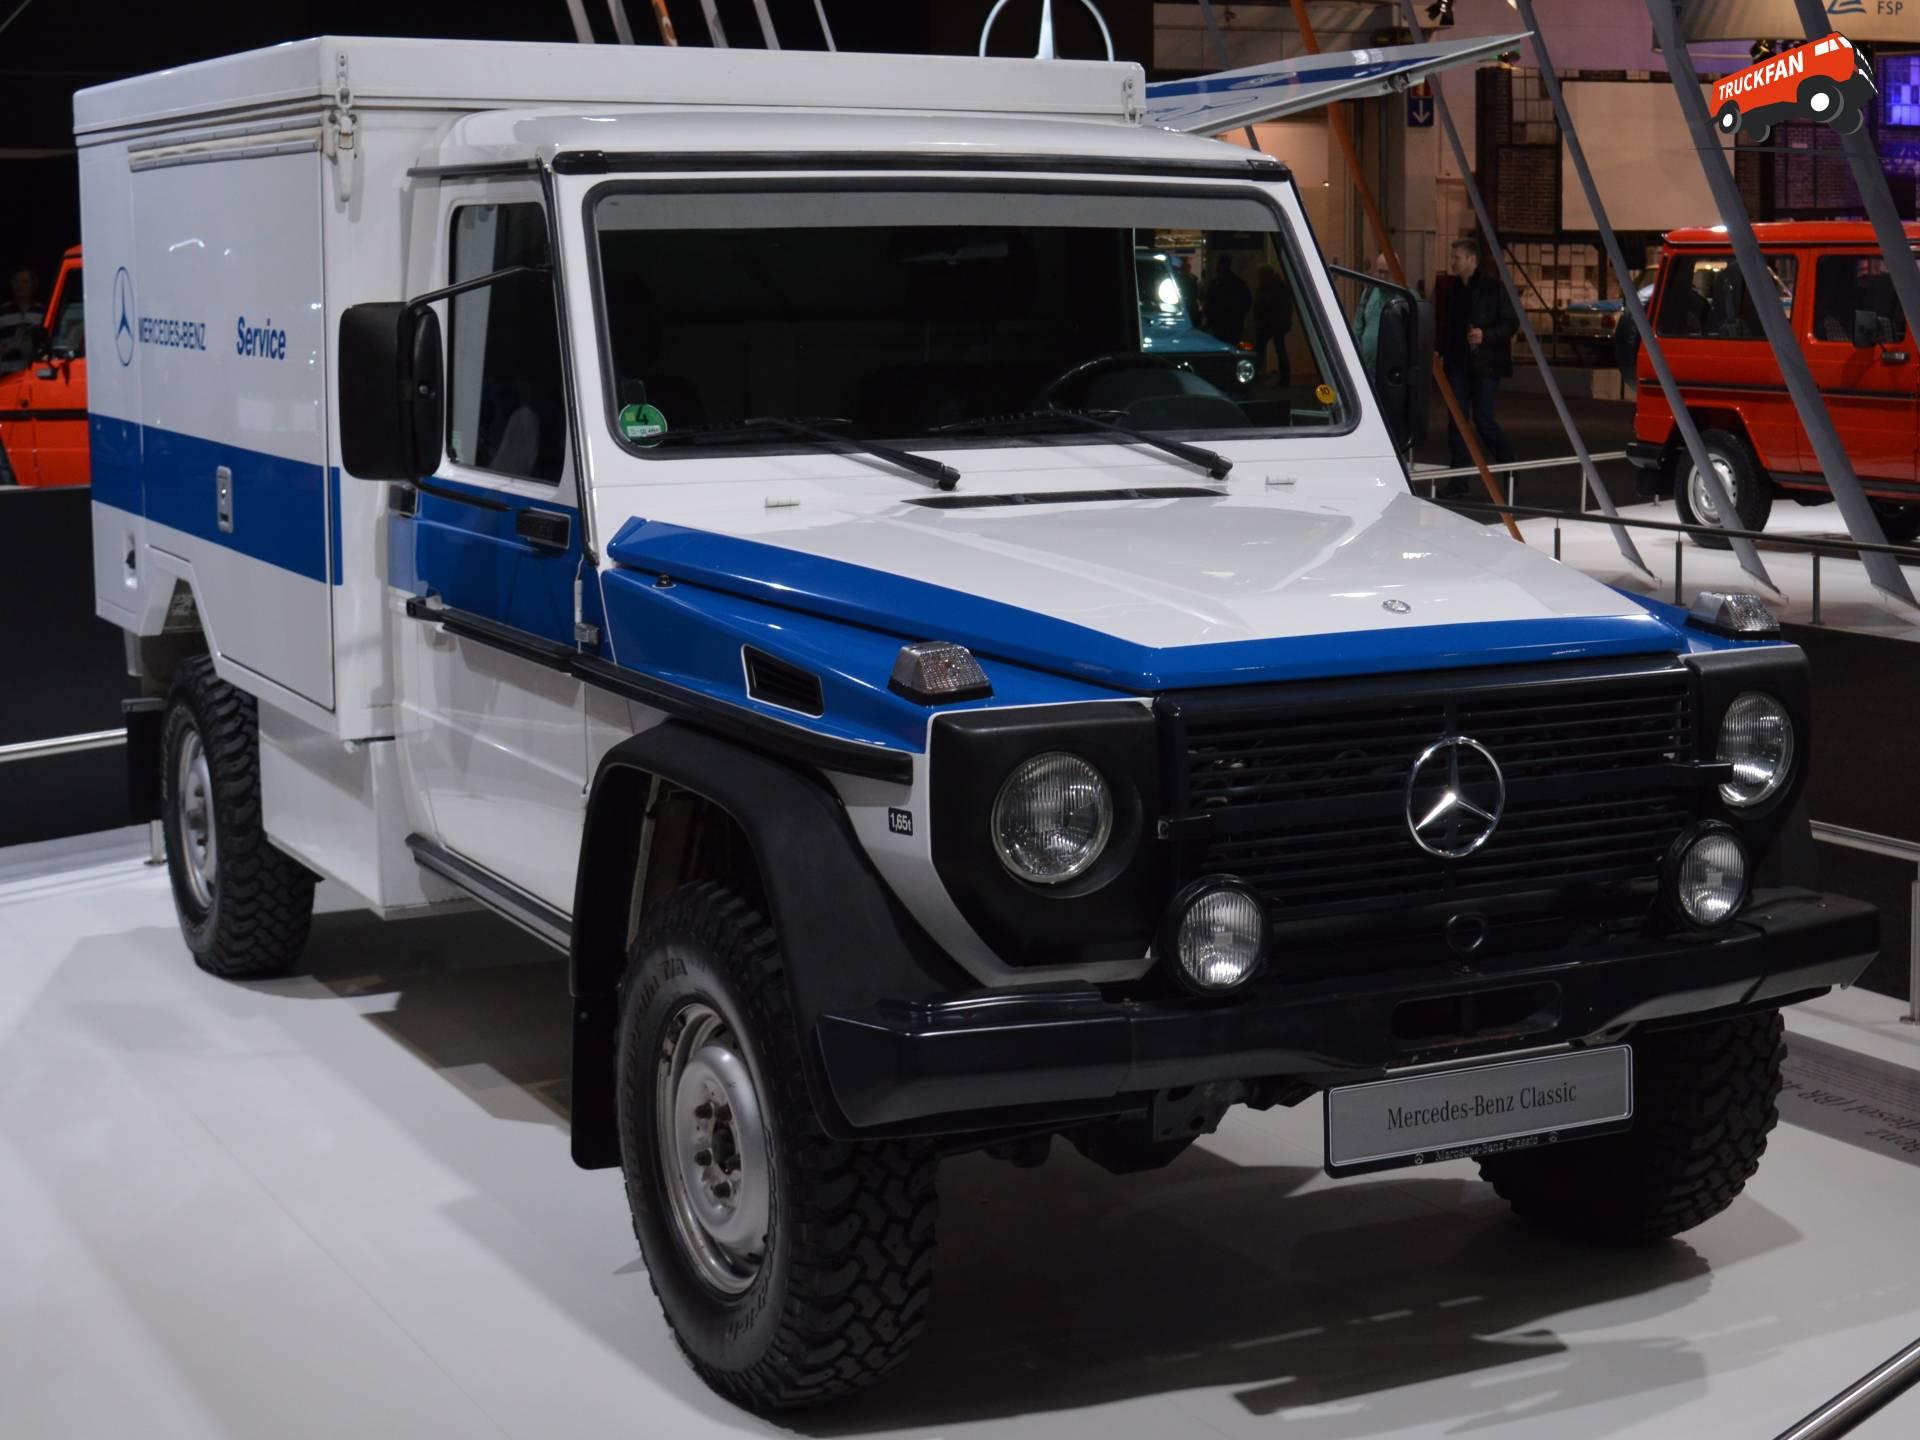 Mercedes-Benz G-klasse